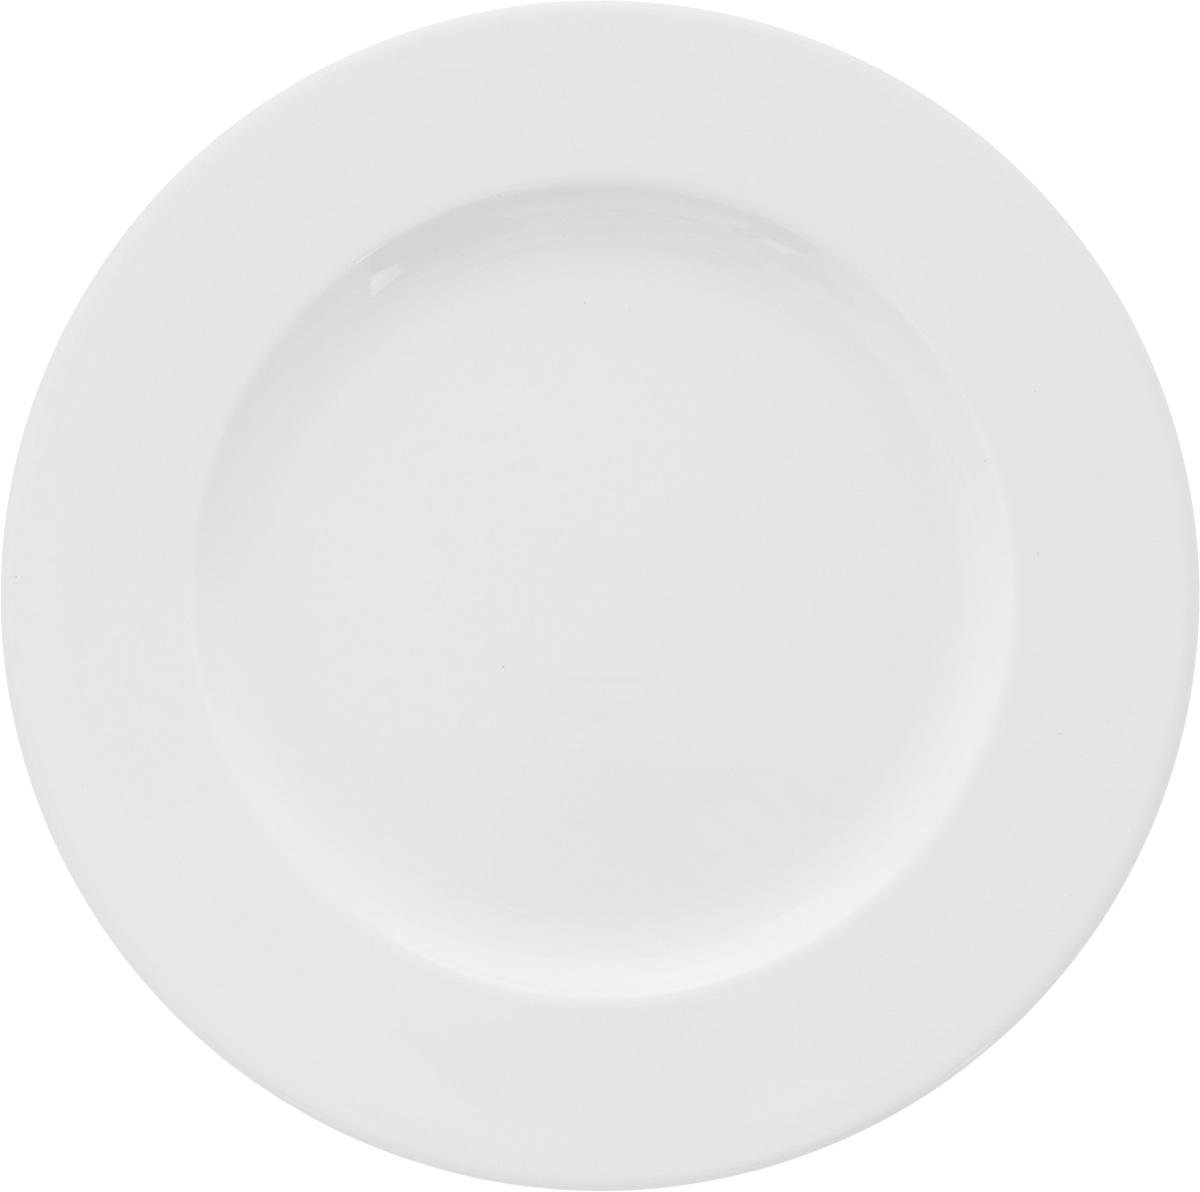 Тарелка мелкая Ariane Прайм, диаметр 21 смAPRARN11021Мелкая тарелка Ariane Прайм, изготовленная из высококачественного фарфора, имеет классическую круглую форму. Такая тарелка прекрасно подходит как для торжественных случаев, так и для повседневного использования. Идеальна для подачи десертов, пирожных, тортов и многого другого. Она прекрасно оформит стол и станет отличным дополнением к вашей коллекции кухонной посуды. Можно мыть в посудомоечной машине и использовать в микроволновой печи. Высота: 2 см. Диаметр тарелки: 21 см.